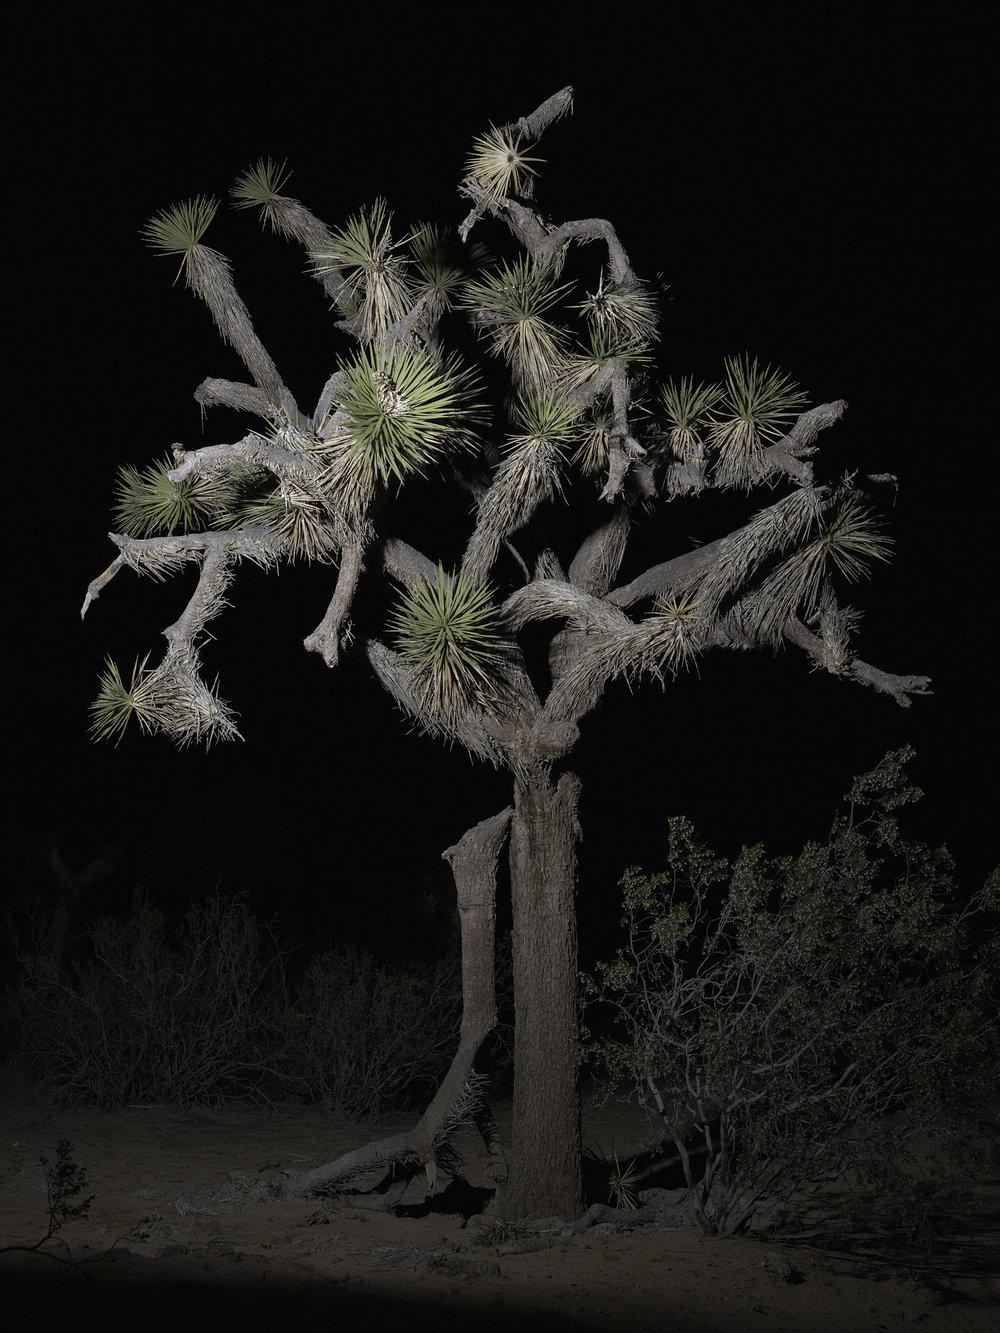 tree #17    70x94 in/180x239cm  1+1AP 60x80 in/152x203cm  2+1AP 45x60 in/114x152cm  3+1AP 30x40 in/75x100cm  5+1AP